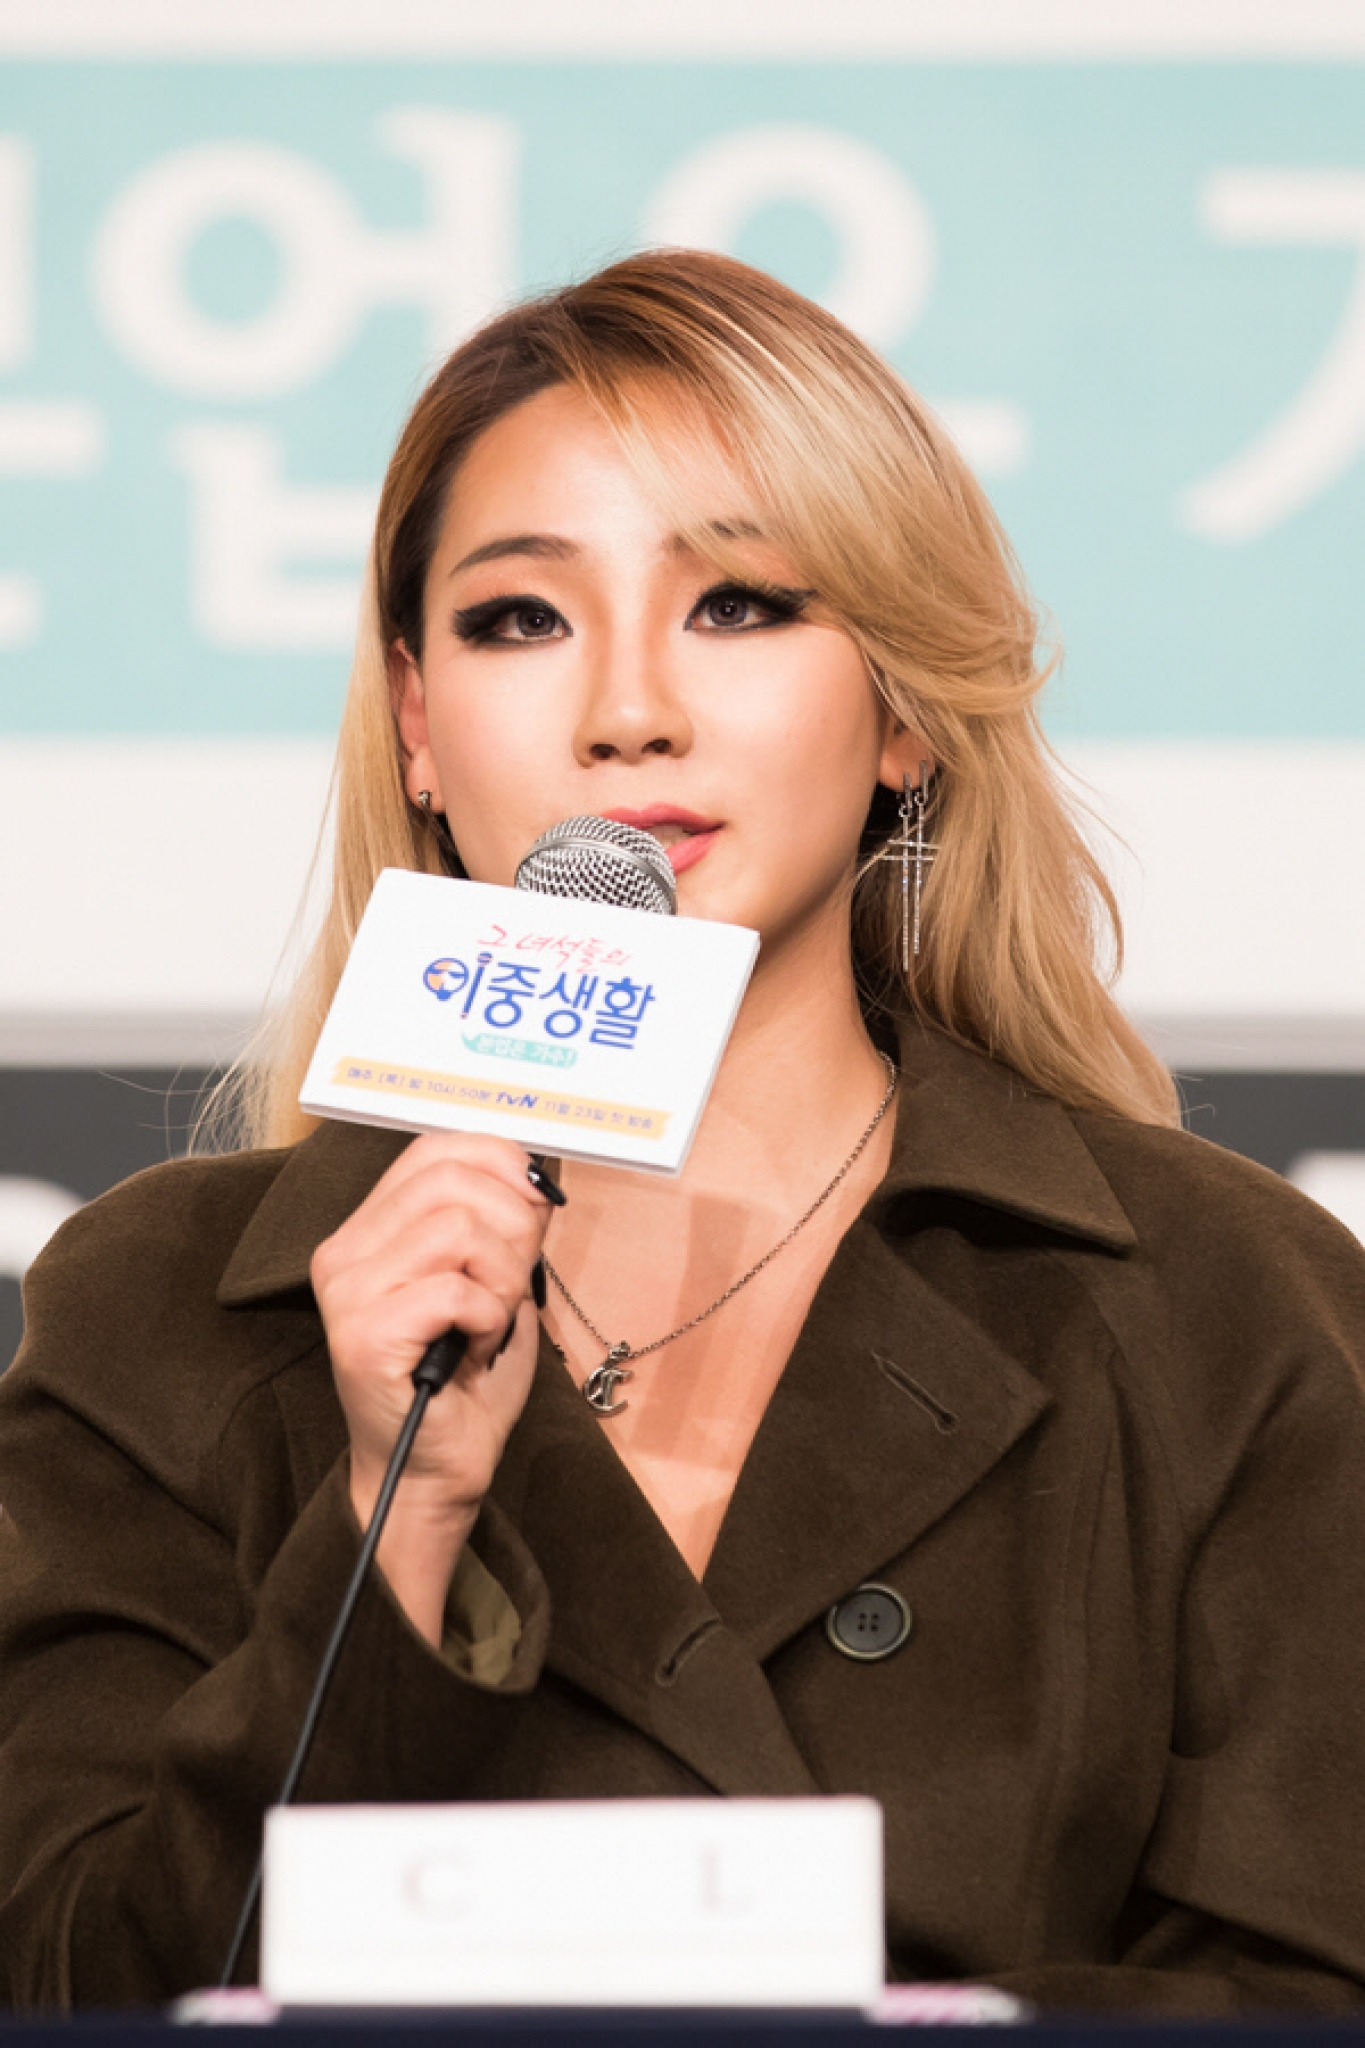 """'이중생활' 씨엘 """"2ne1 해체 힘들었다… 공민지 행복했으면"""""""